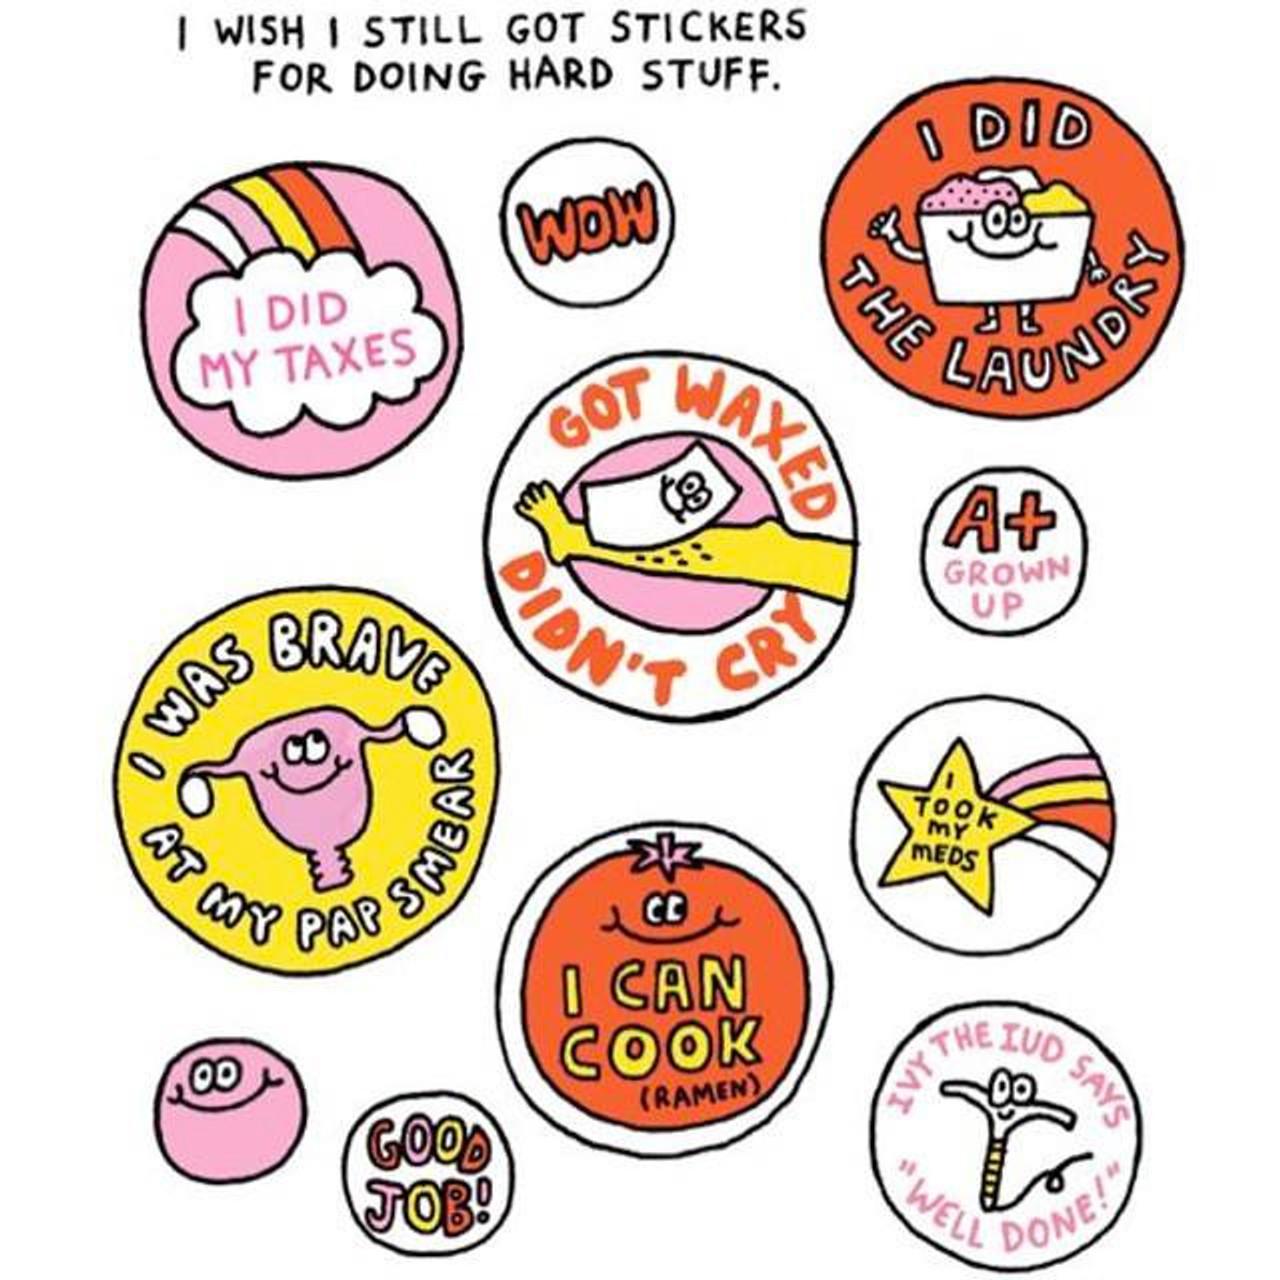 Wish i still got stickers sticker sheets